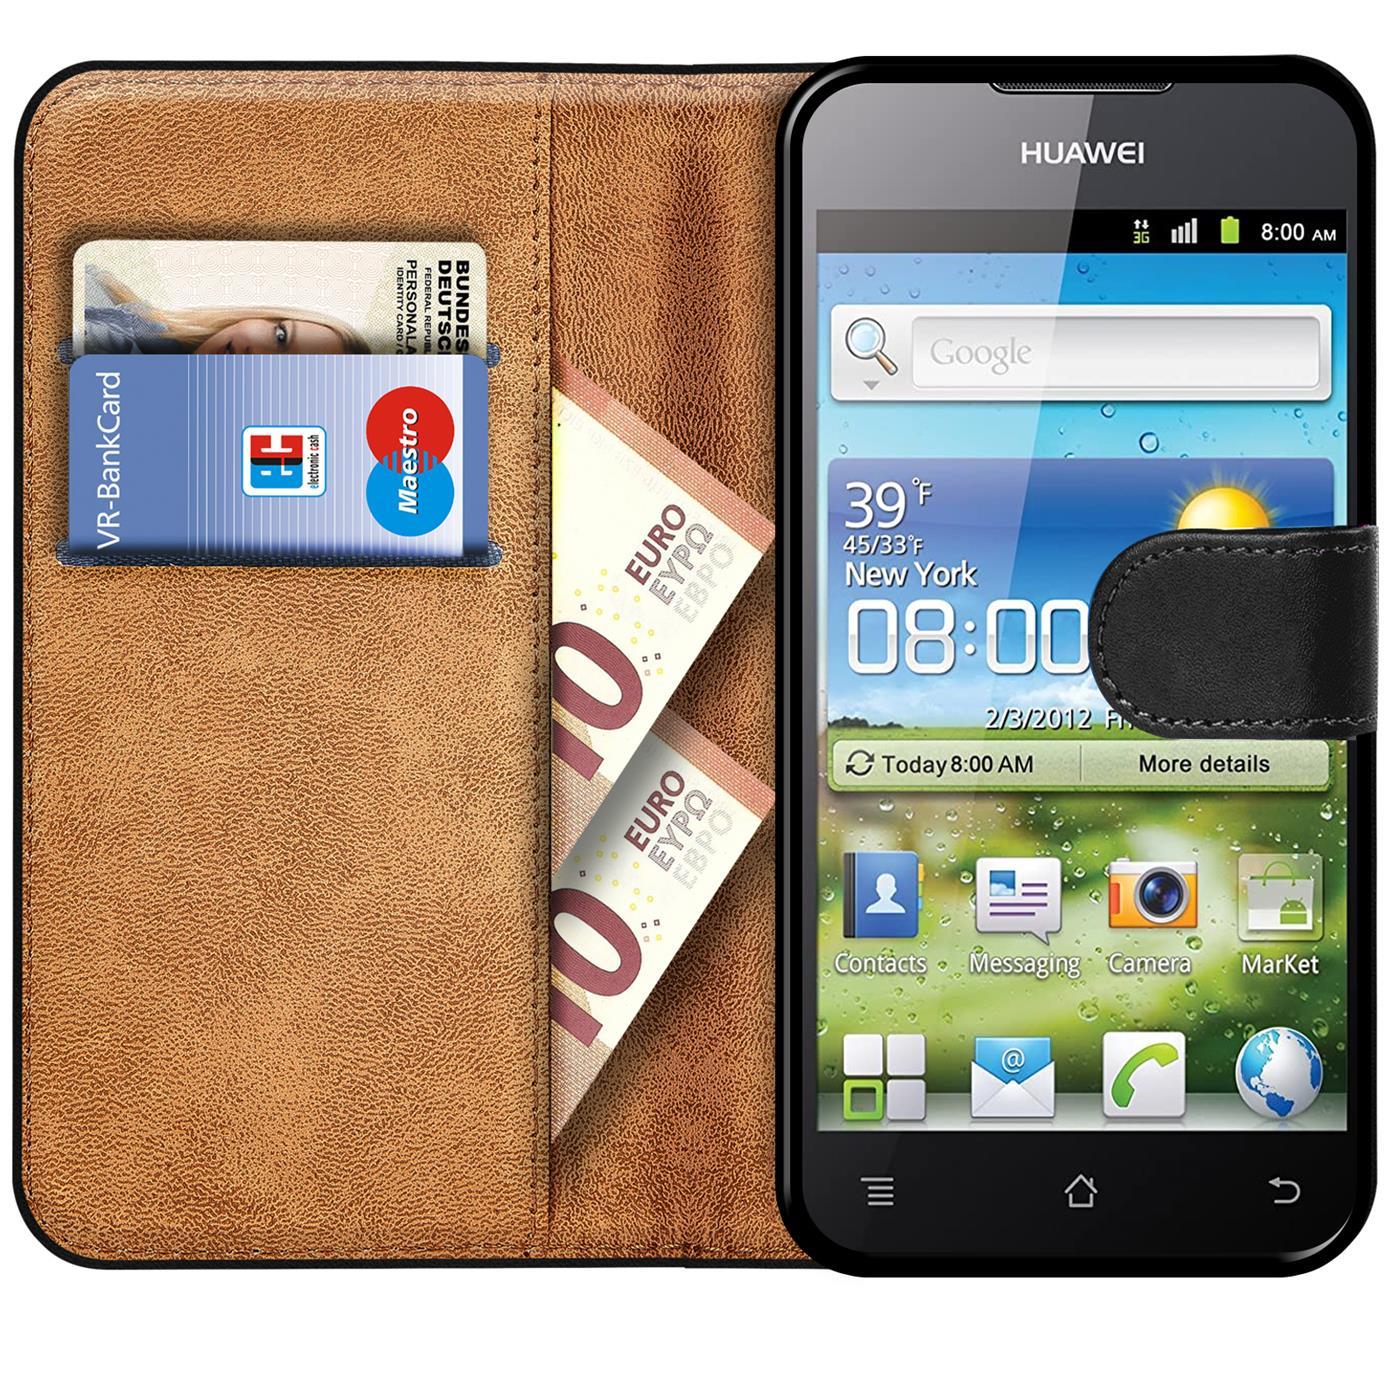 Book-Case-fuer-Huawei-G300-Huelle-Flip-Cover-Handy-Tasche-Schutz-Huelle-Schale Indexbild 9